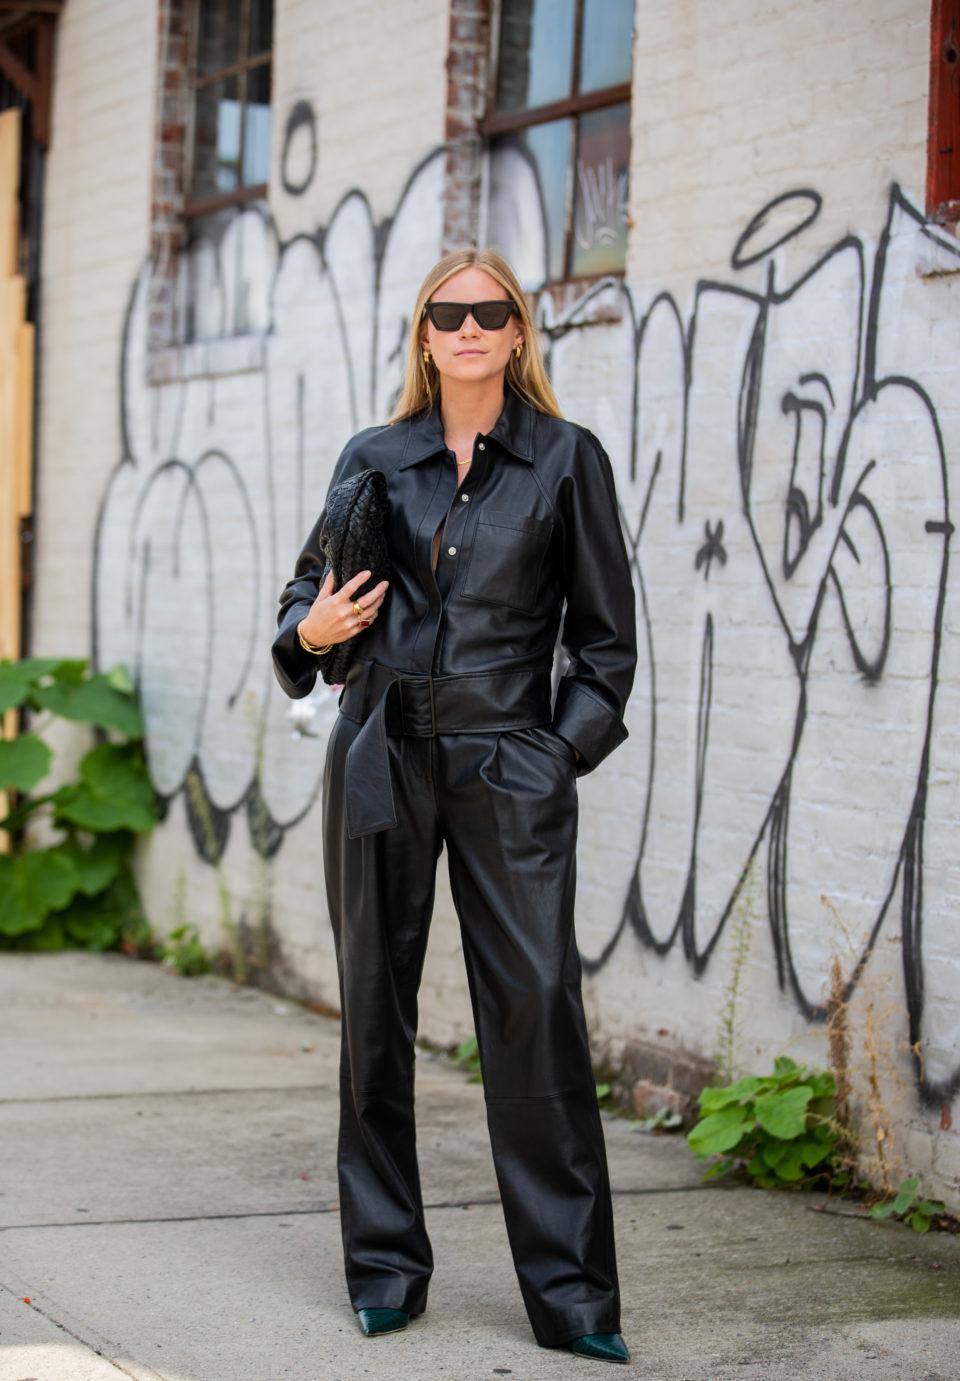 С чем носить кожаные брюки весной 2020